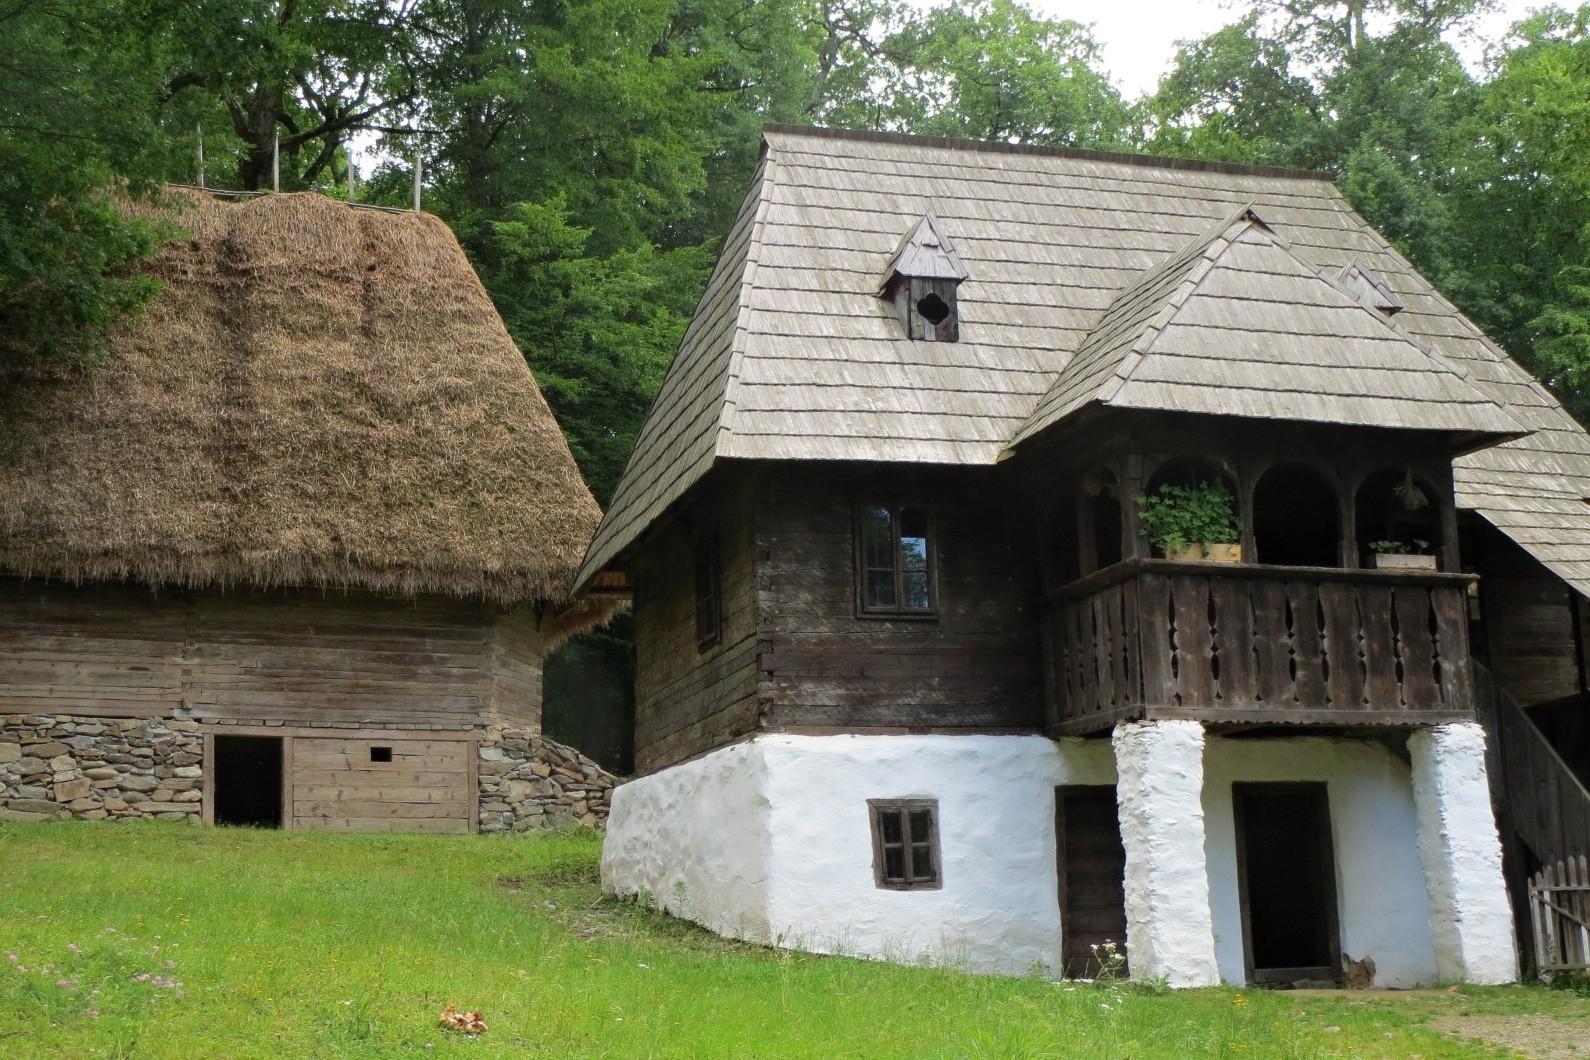 Rozlehlý areál nedaleko rumunského města Sibiu je rozdělený na několik tematických celků. Ukazuje, jak se historické domy lišily v jednotlivých částech Rumunska.